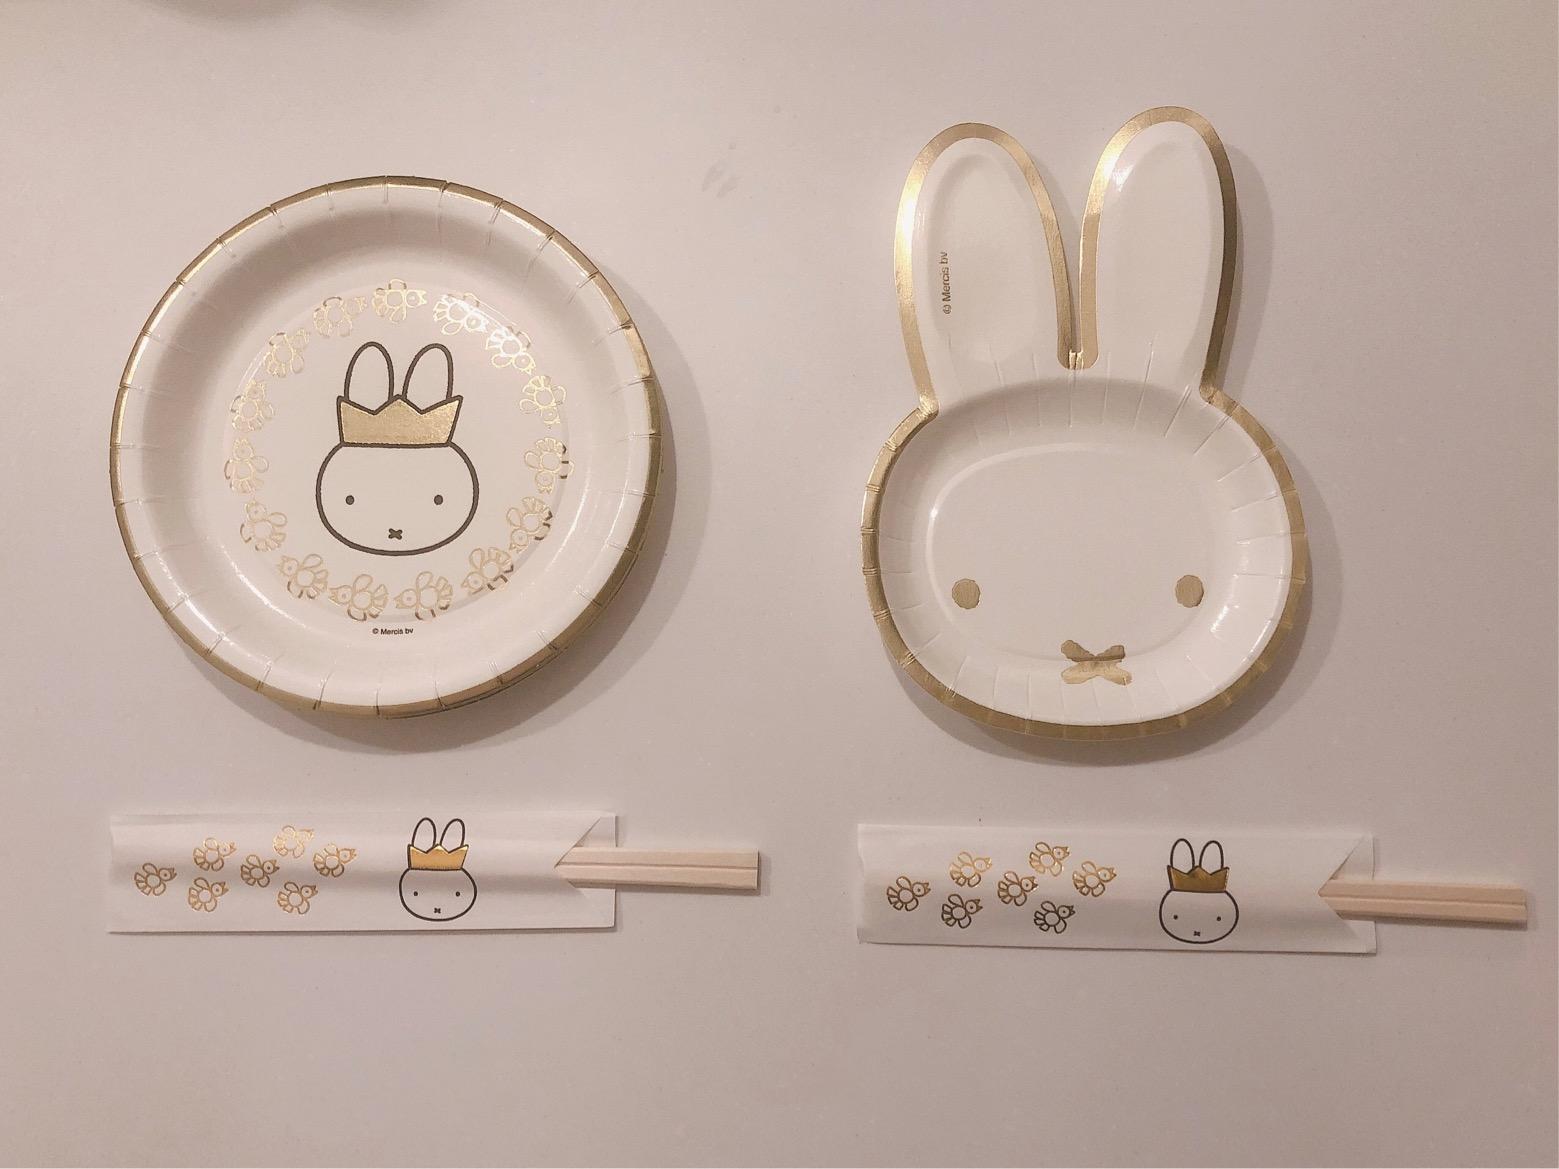 みなとみらい新スポット『横浜ハンマーヘッド』がオープン! おしゃれカフェ、お土産におすすめなグルメショップ5選 photoGallery_2_56